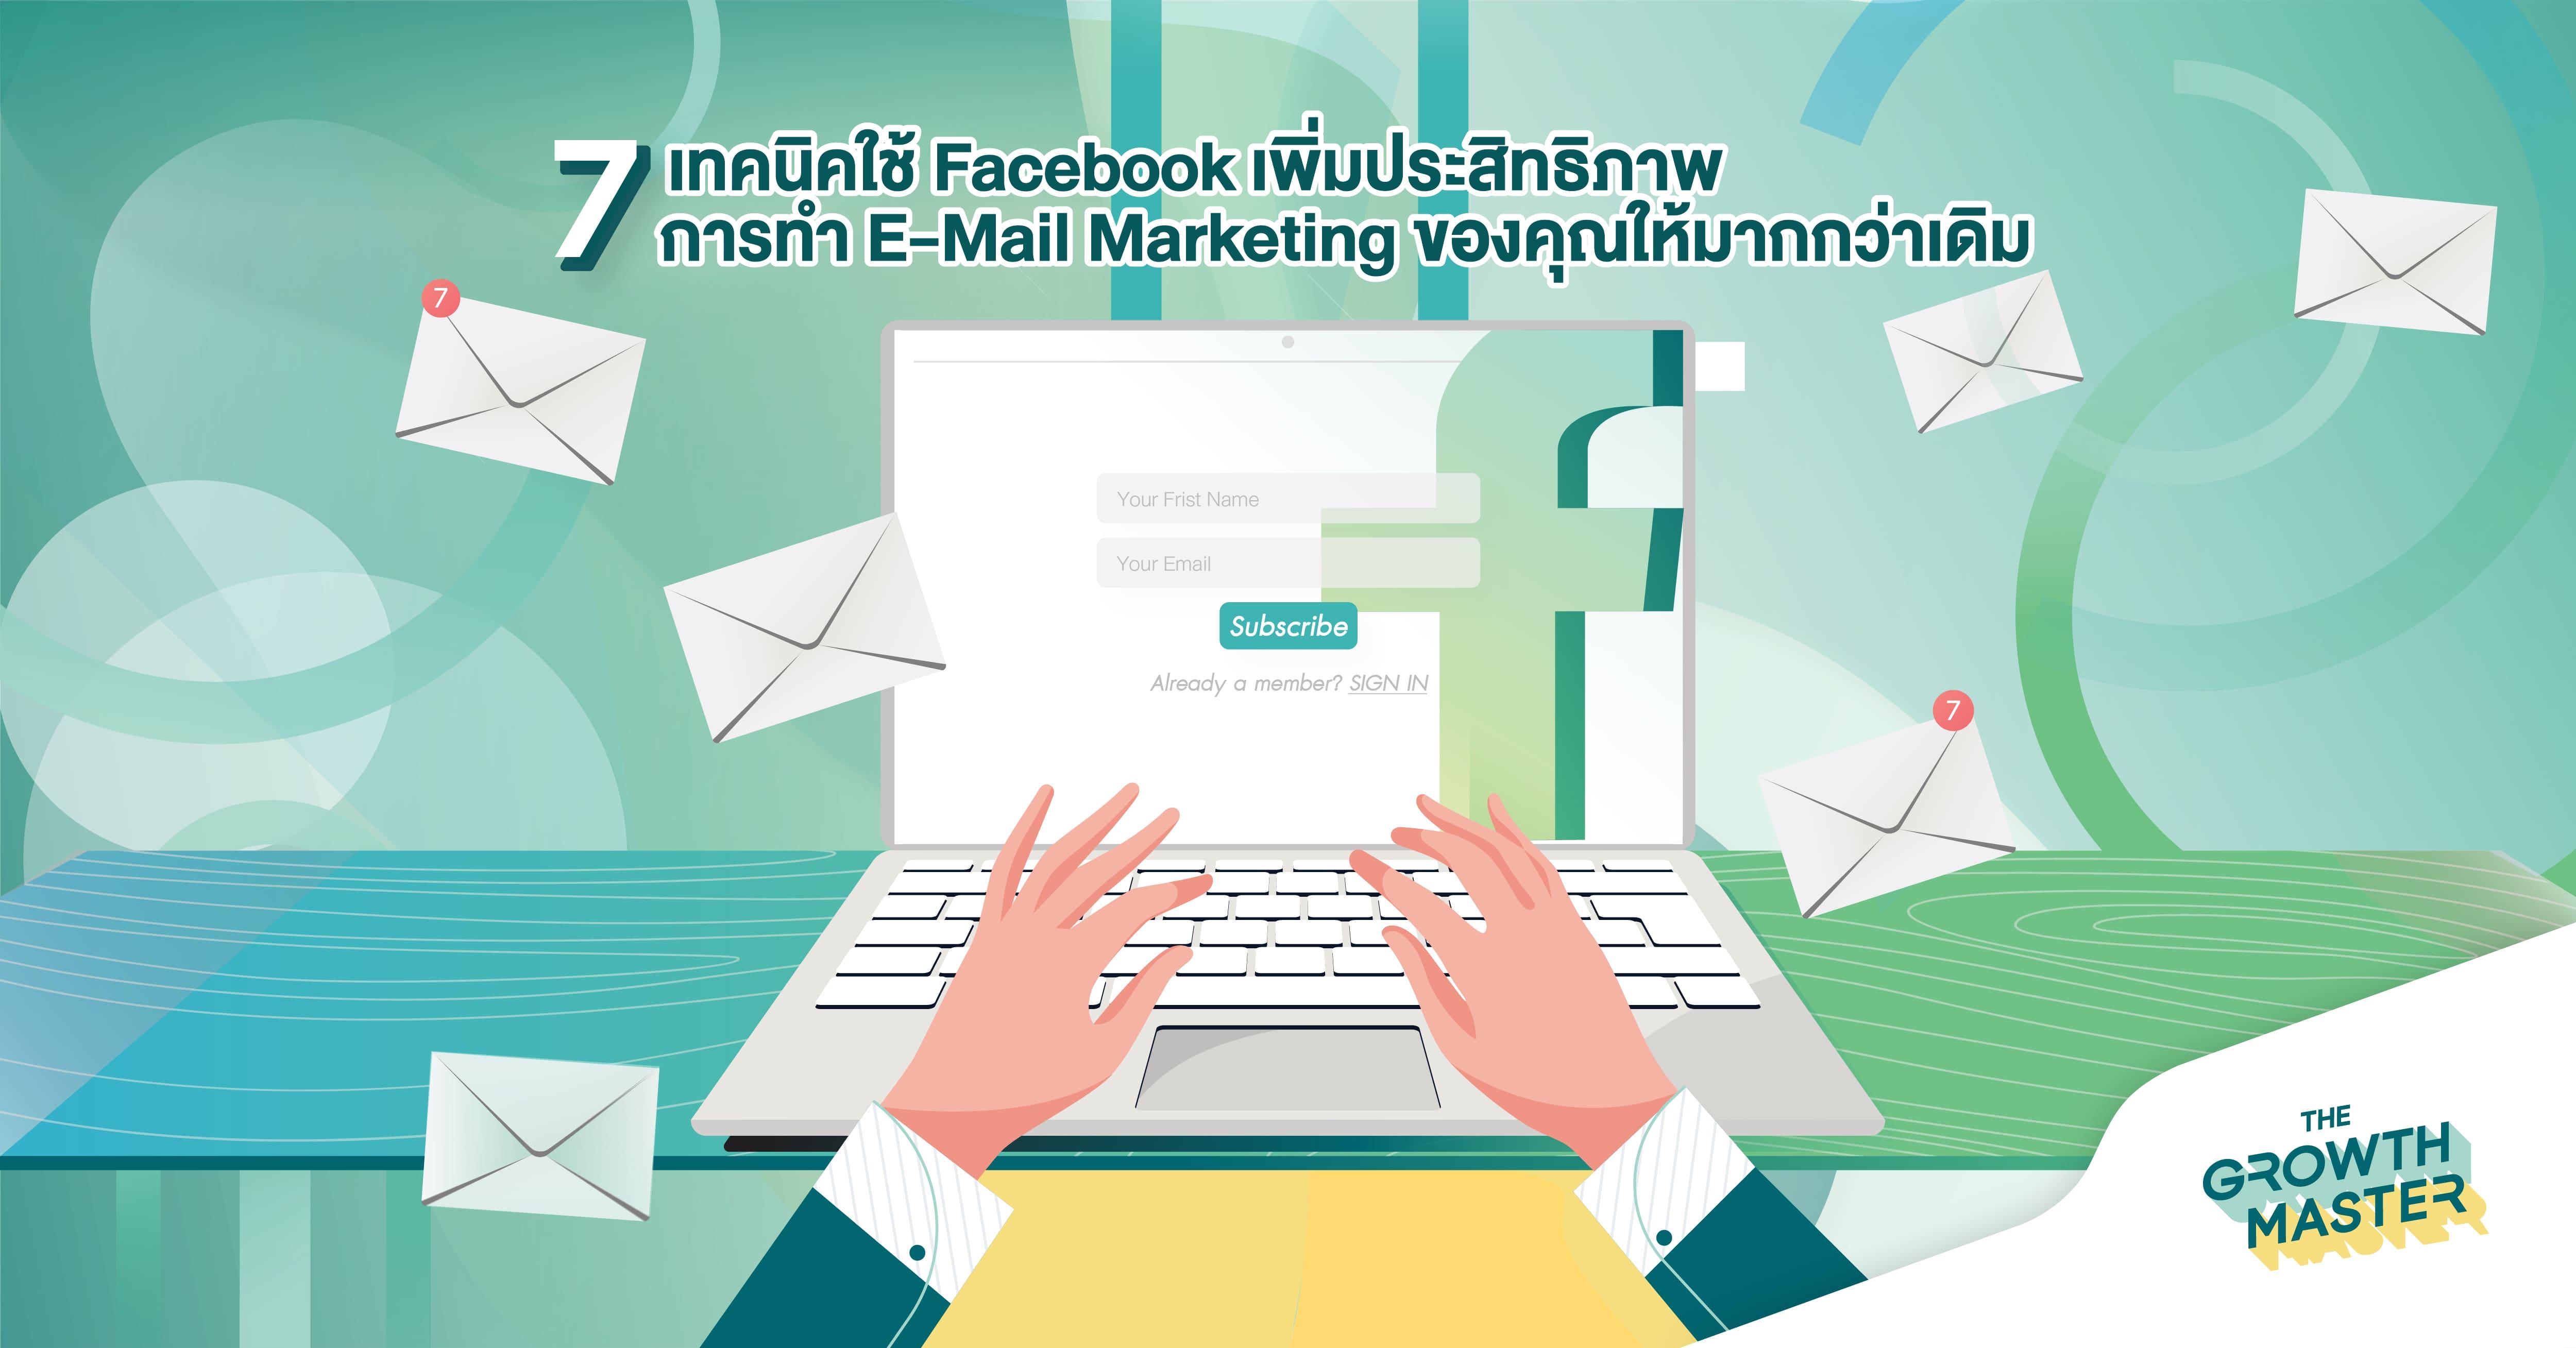 7 เทคนิคใช้ Facebook เพิ่มประสิทธิภาพการทำ E-Mail Marketing ของคุณให้มากกว่าเดิม